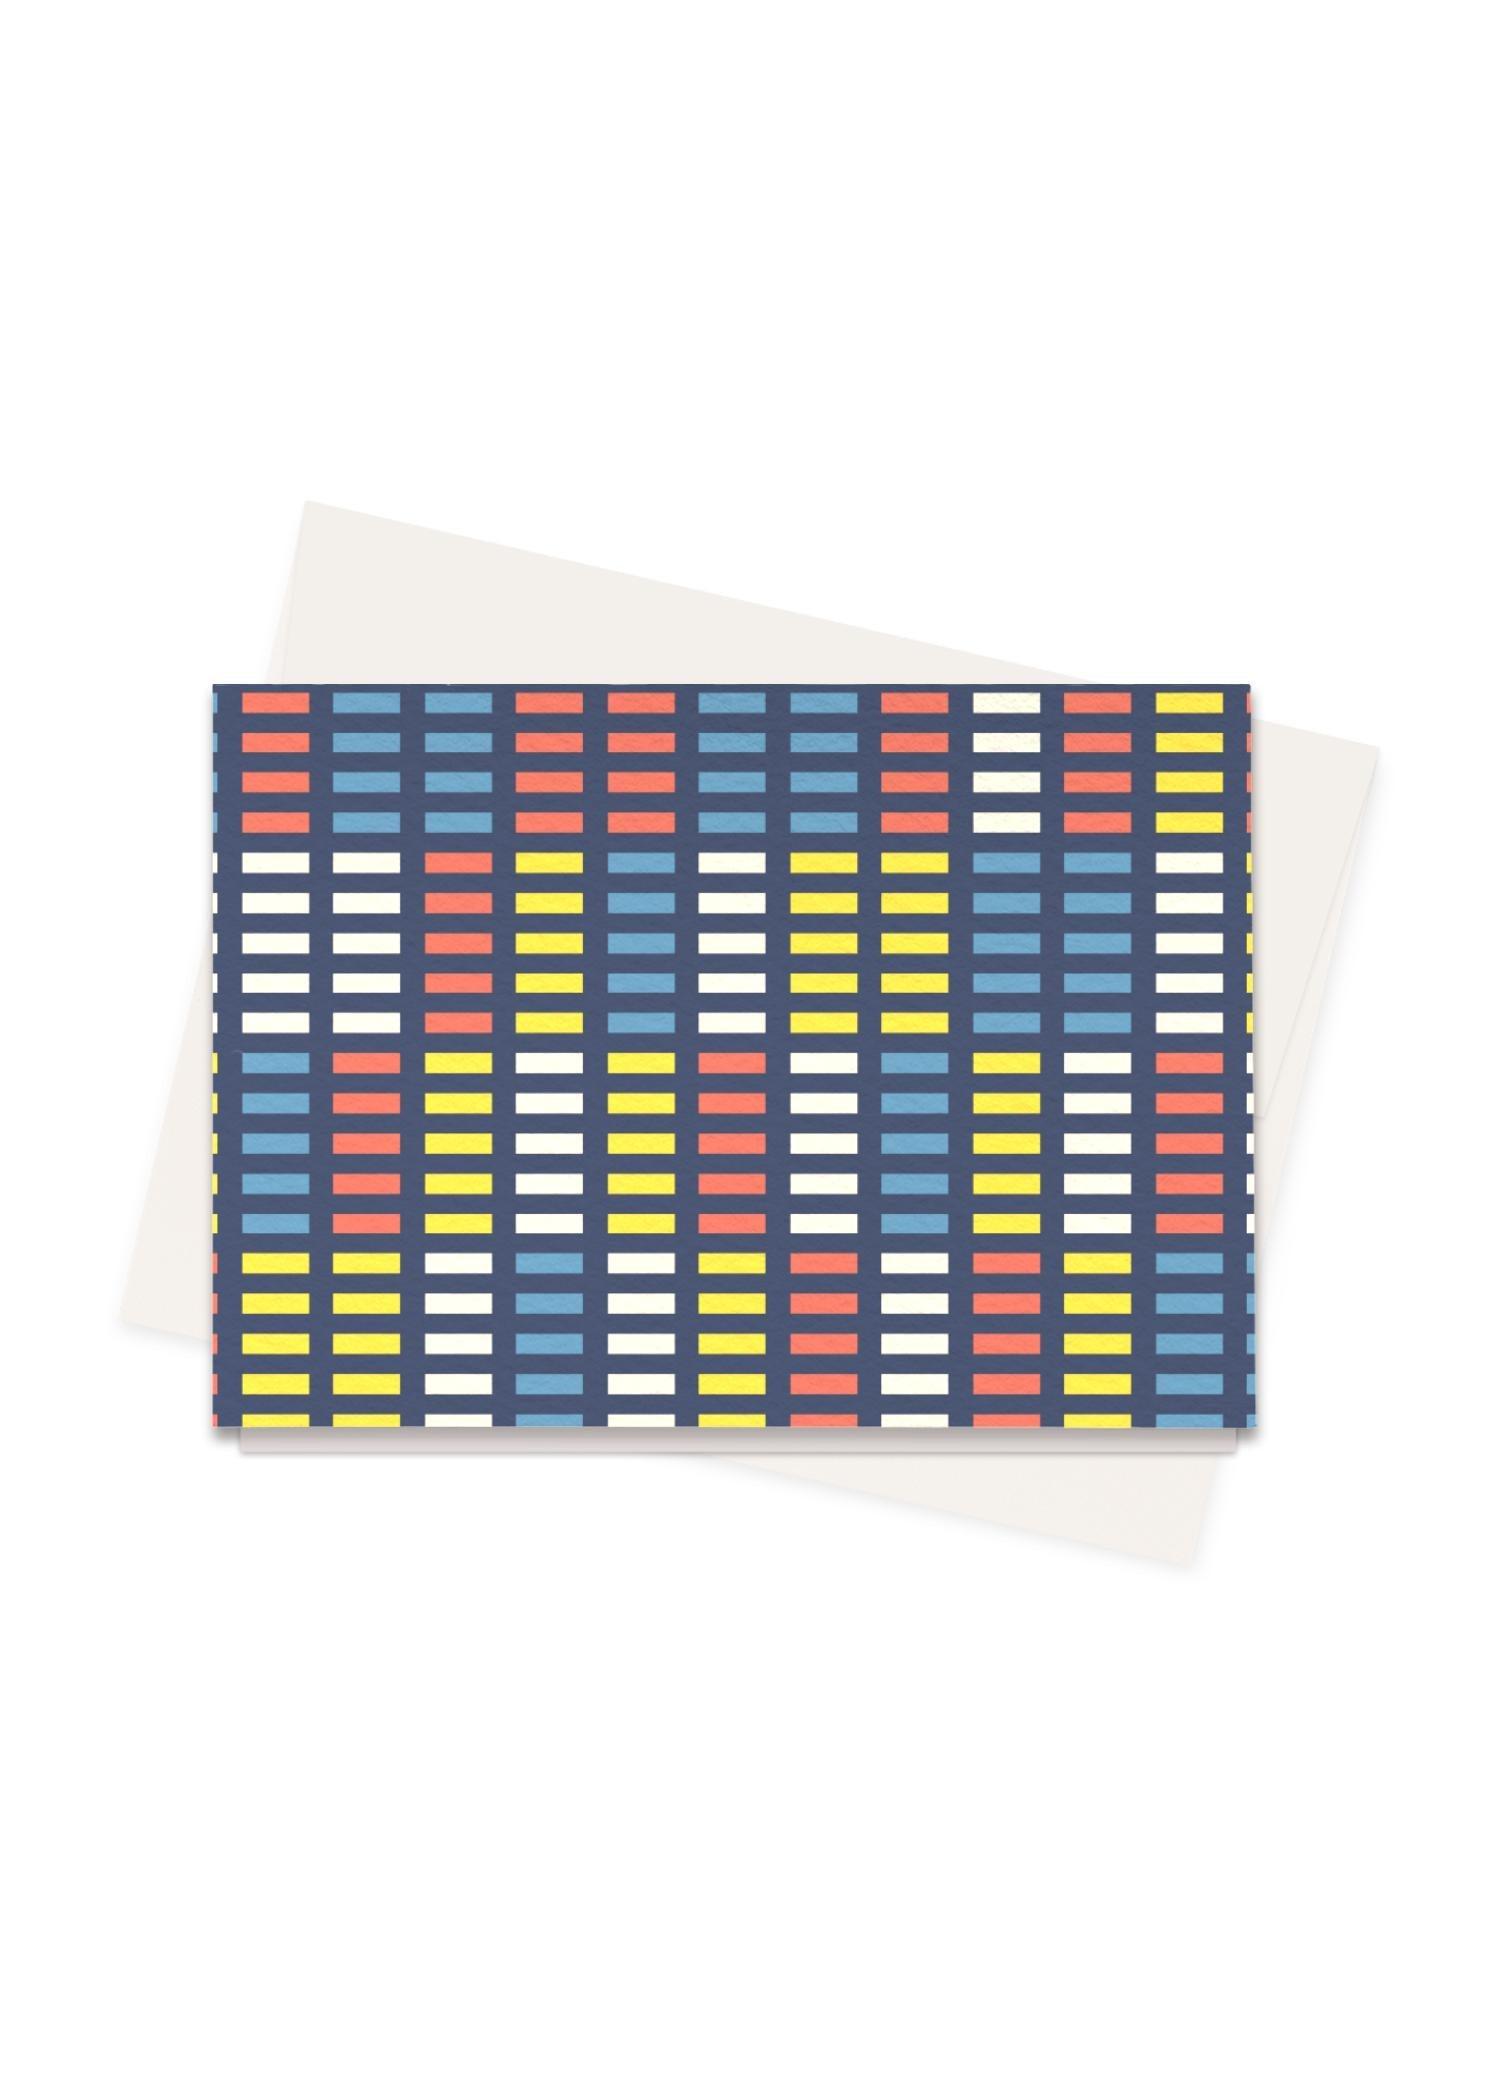 VIDA Greeting Cards Set - Retro Music Equalizer by VIDA Original Artist  - Size: Set of 16